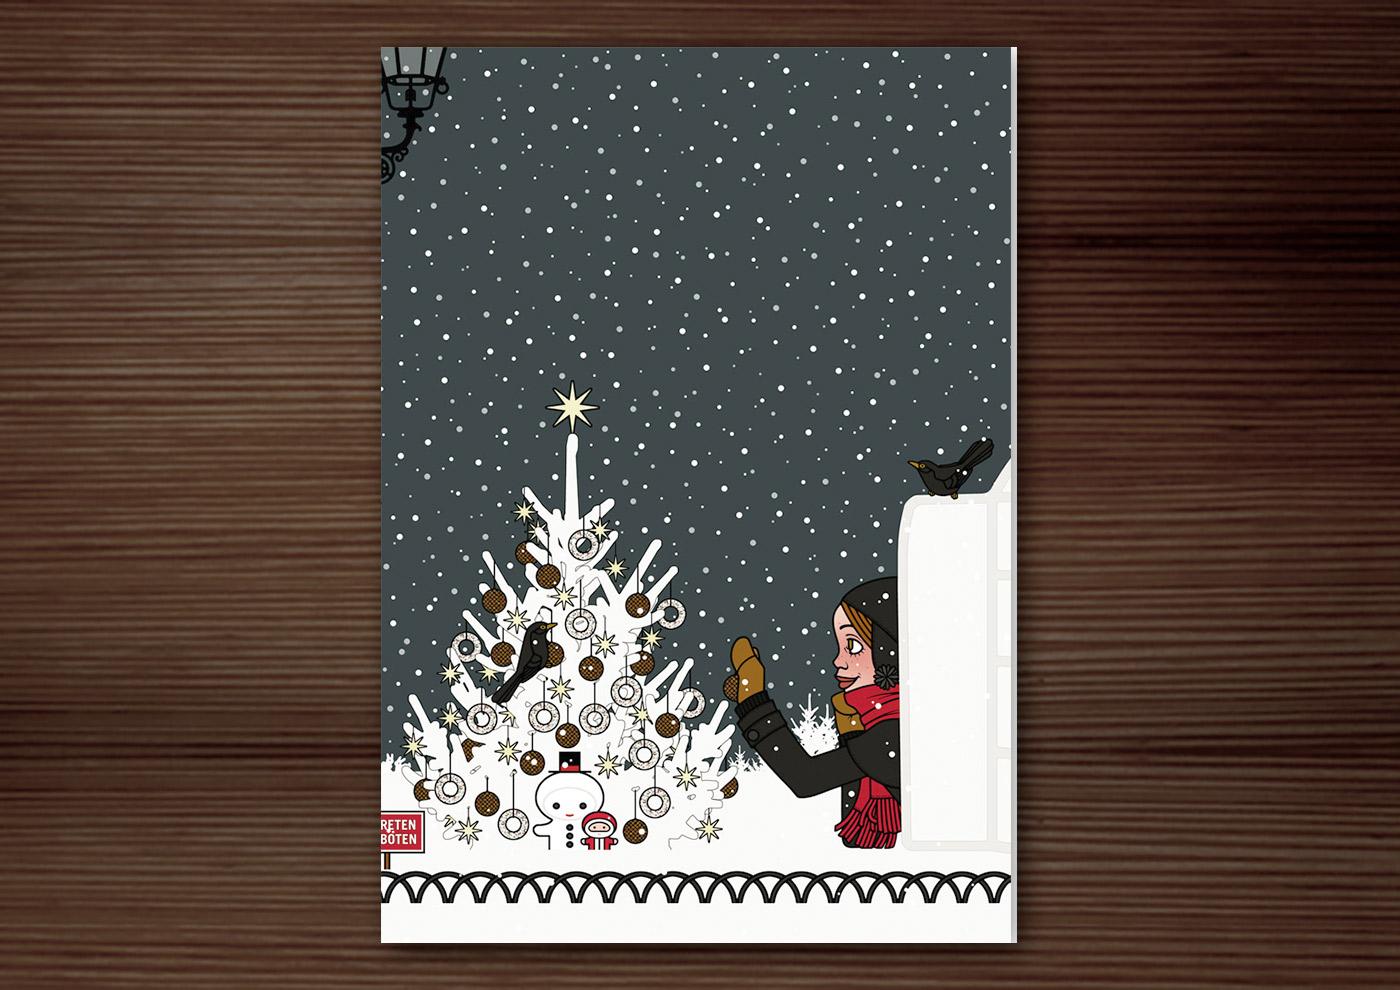 Weihnachtskarte mit der Zeichnung eines Mädchens, das sich von seiner Begeisterung für Schnee hat hinreissen lassen, einen Iglu zu bauen und nun einen Weihnachtsbaum im Park für Amseln und Singvögel mit Meisenknödeln schmückt, für Lily Lux